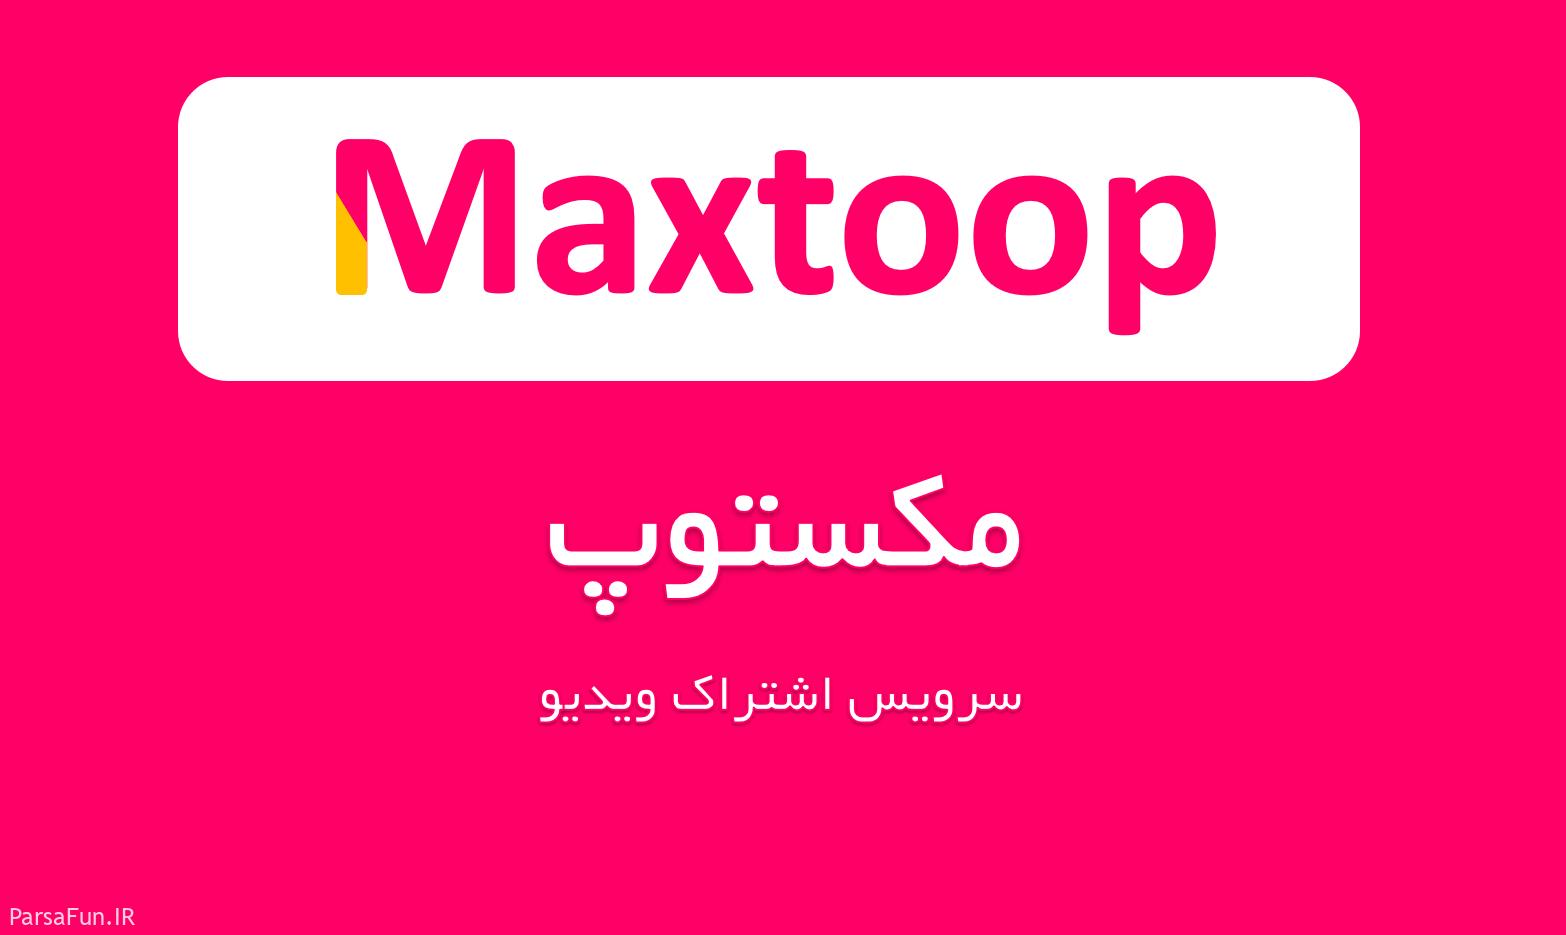 کسب درآمد با آپلود و اشتراک گذاری ویدیو در سایت مکستوپ